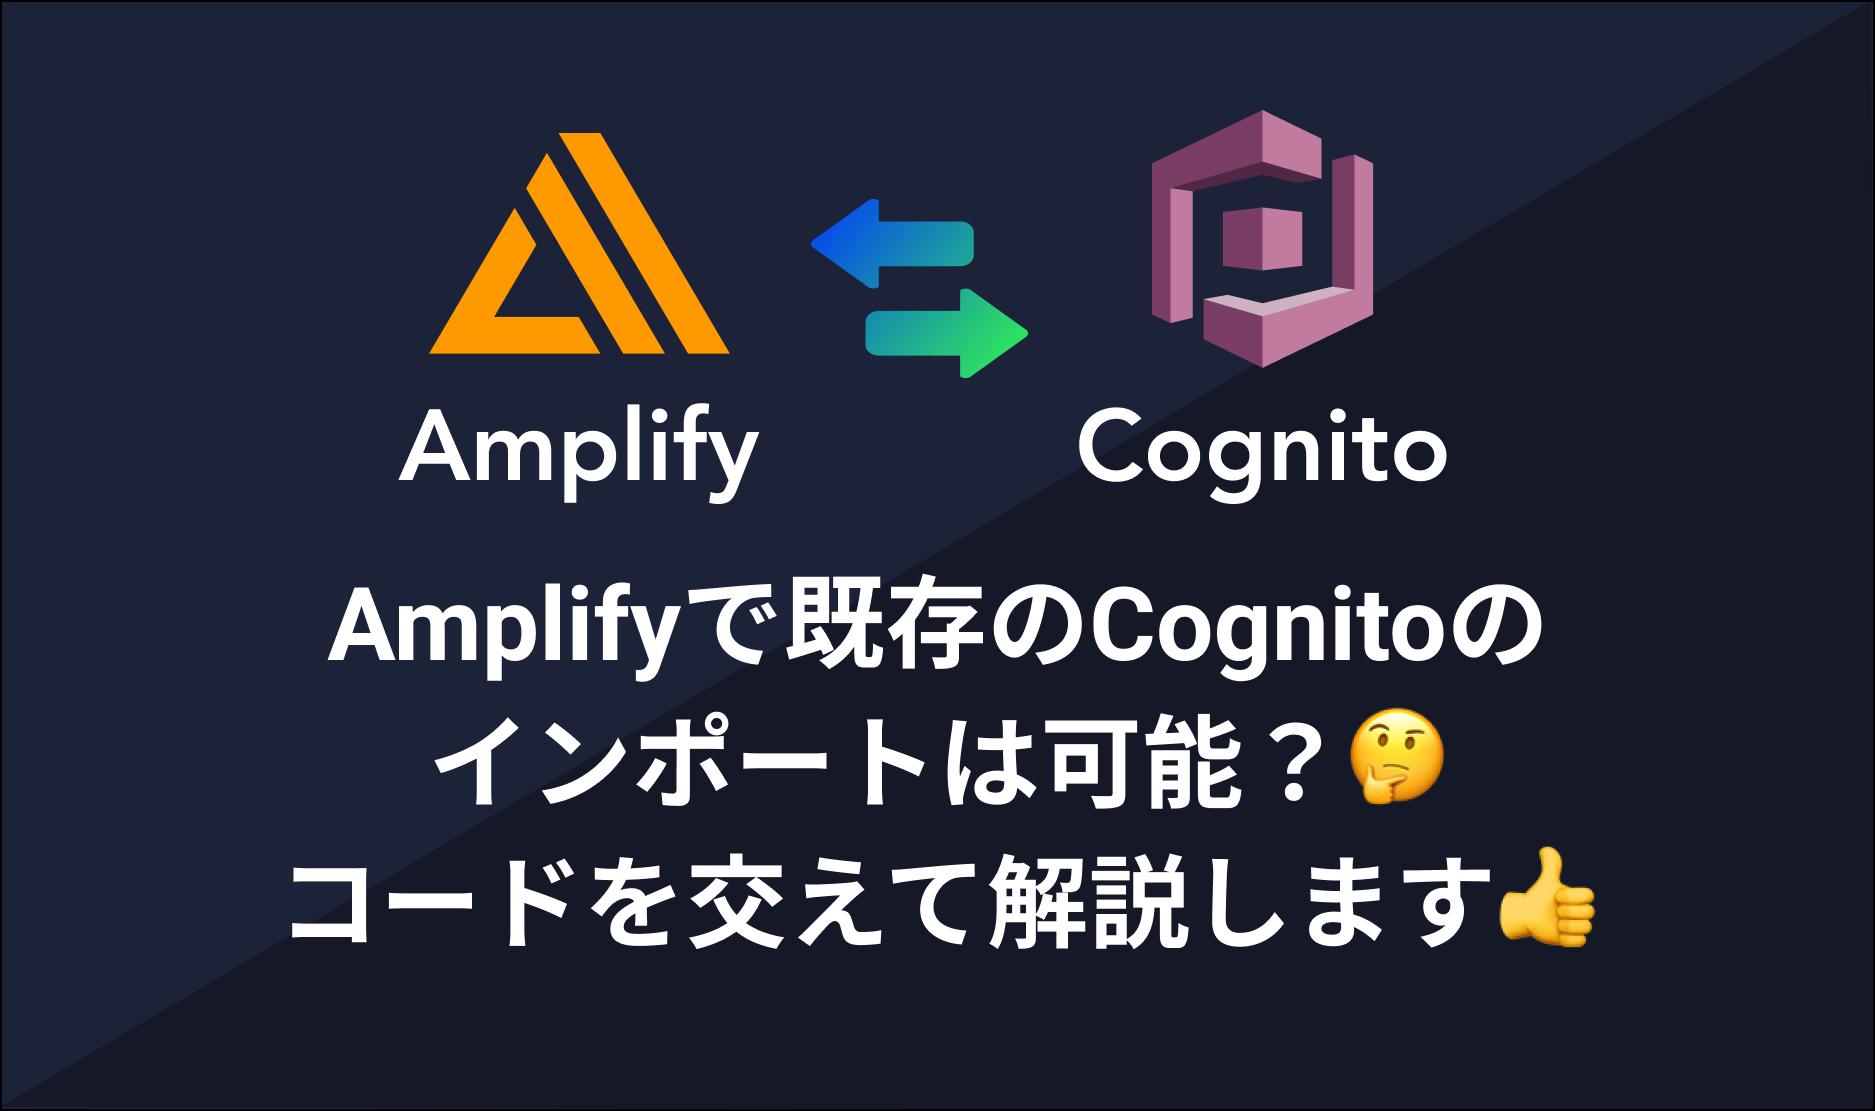 Amplify で、既存の Cognito のインポートは可能?🤔コードを交えて解説します👍